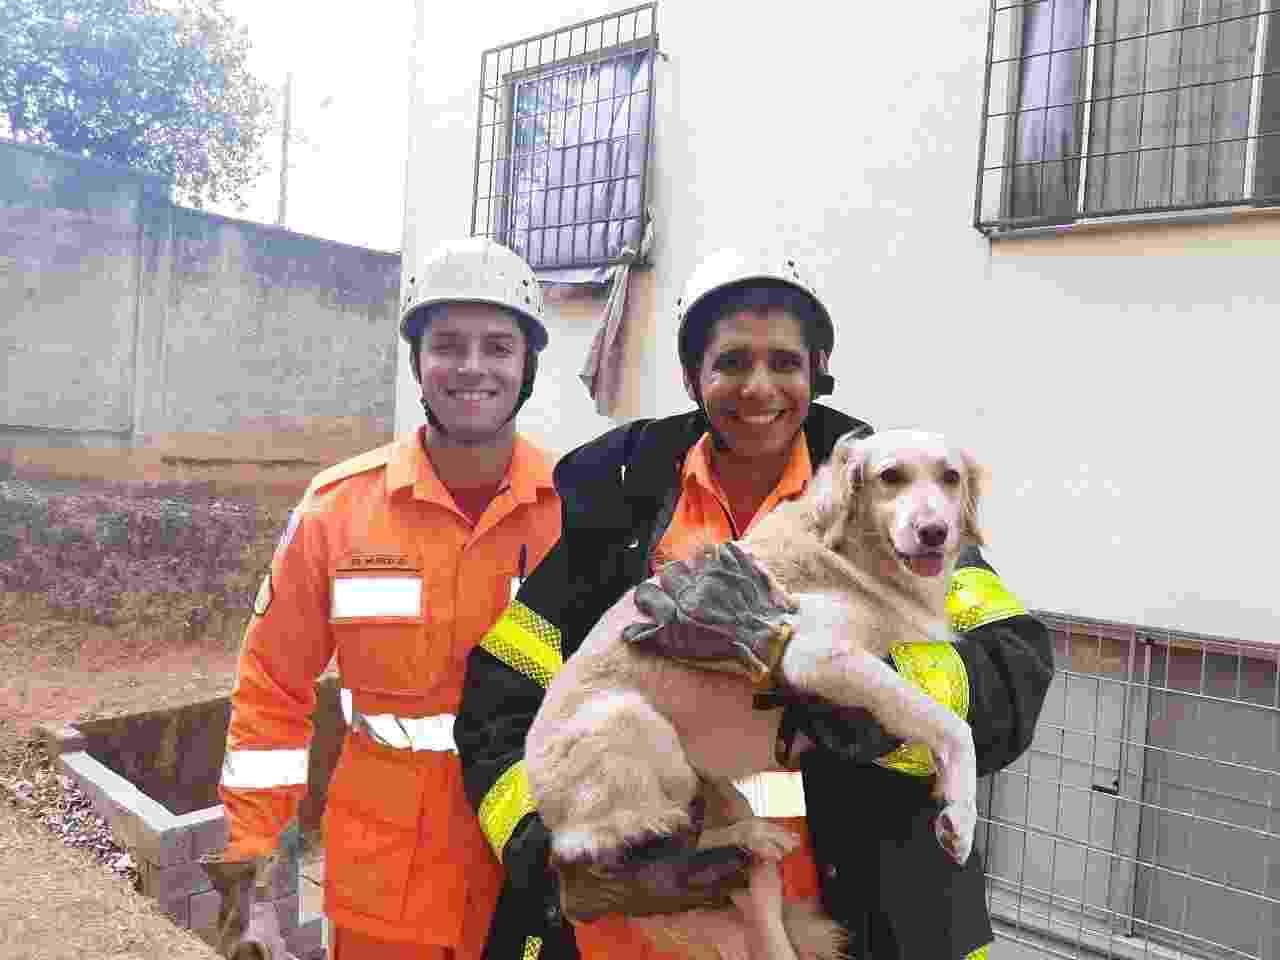 Bombeiros resgata cadela que ficou presa em grade de casa em Belo Horizonte, capital de Minas Gerais. - Divulgação/CBMMG